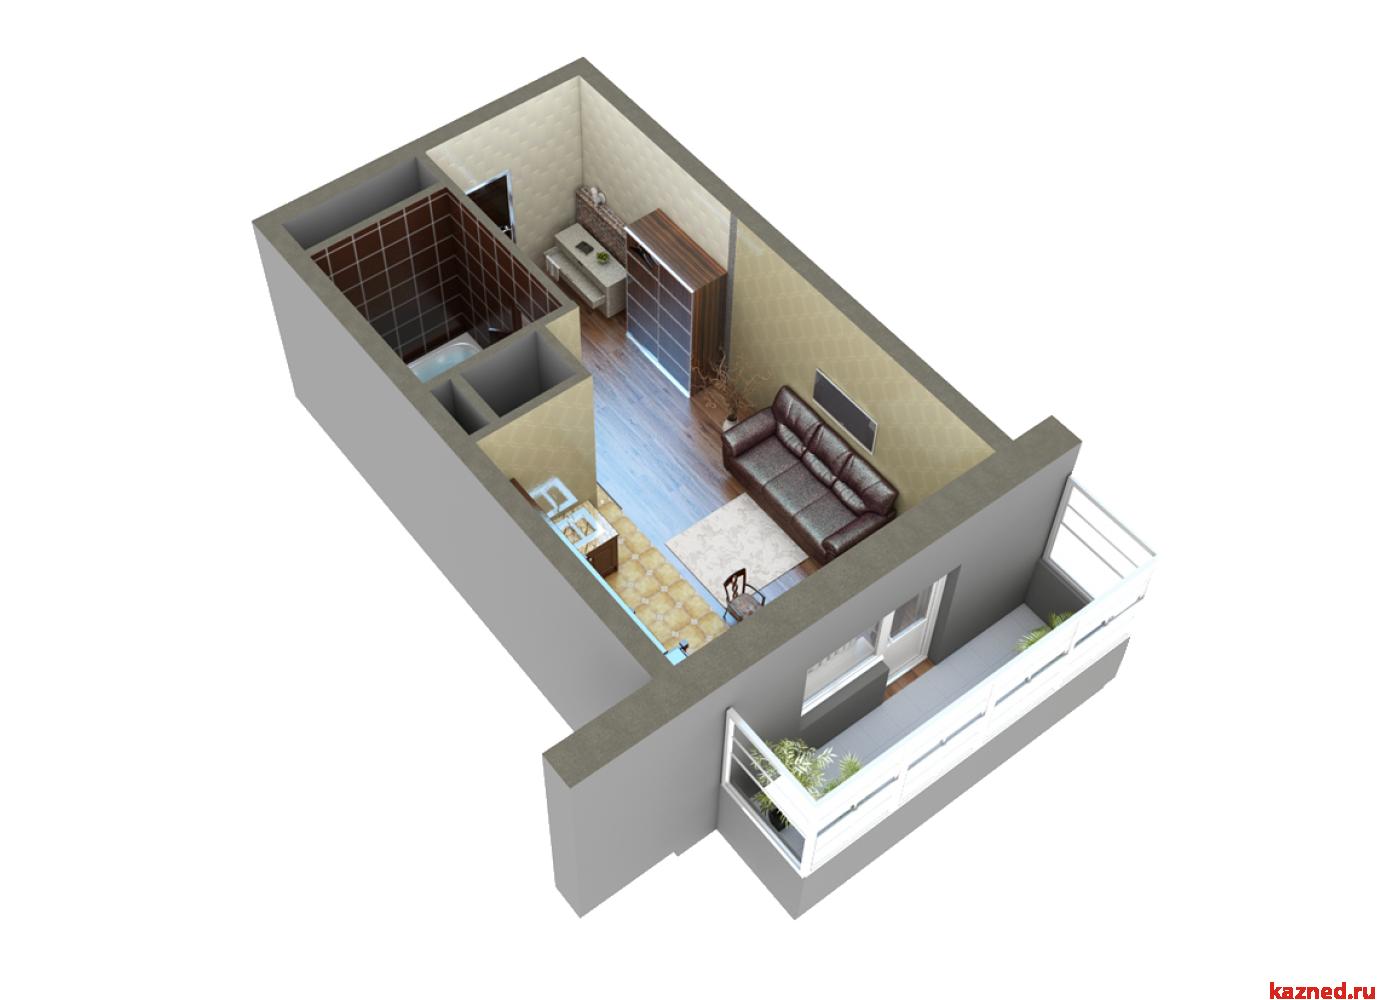 Продажа 1-к квартиры Мамадышский тракт, 36 м²  (миниатюра №8)